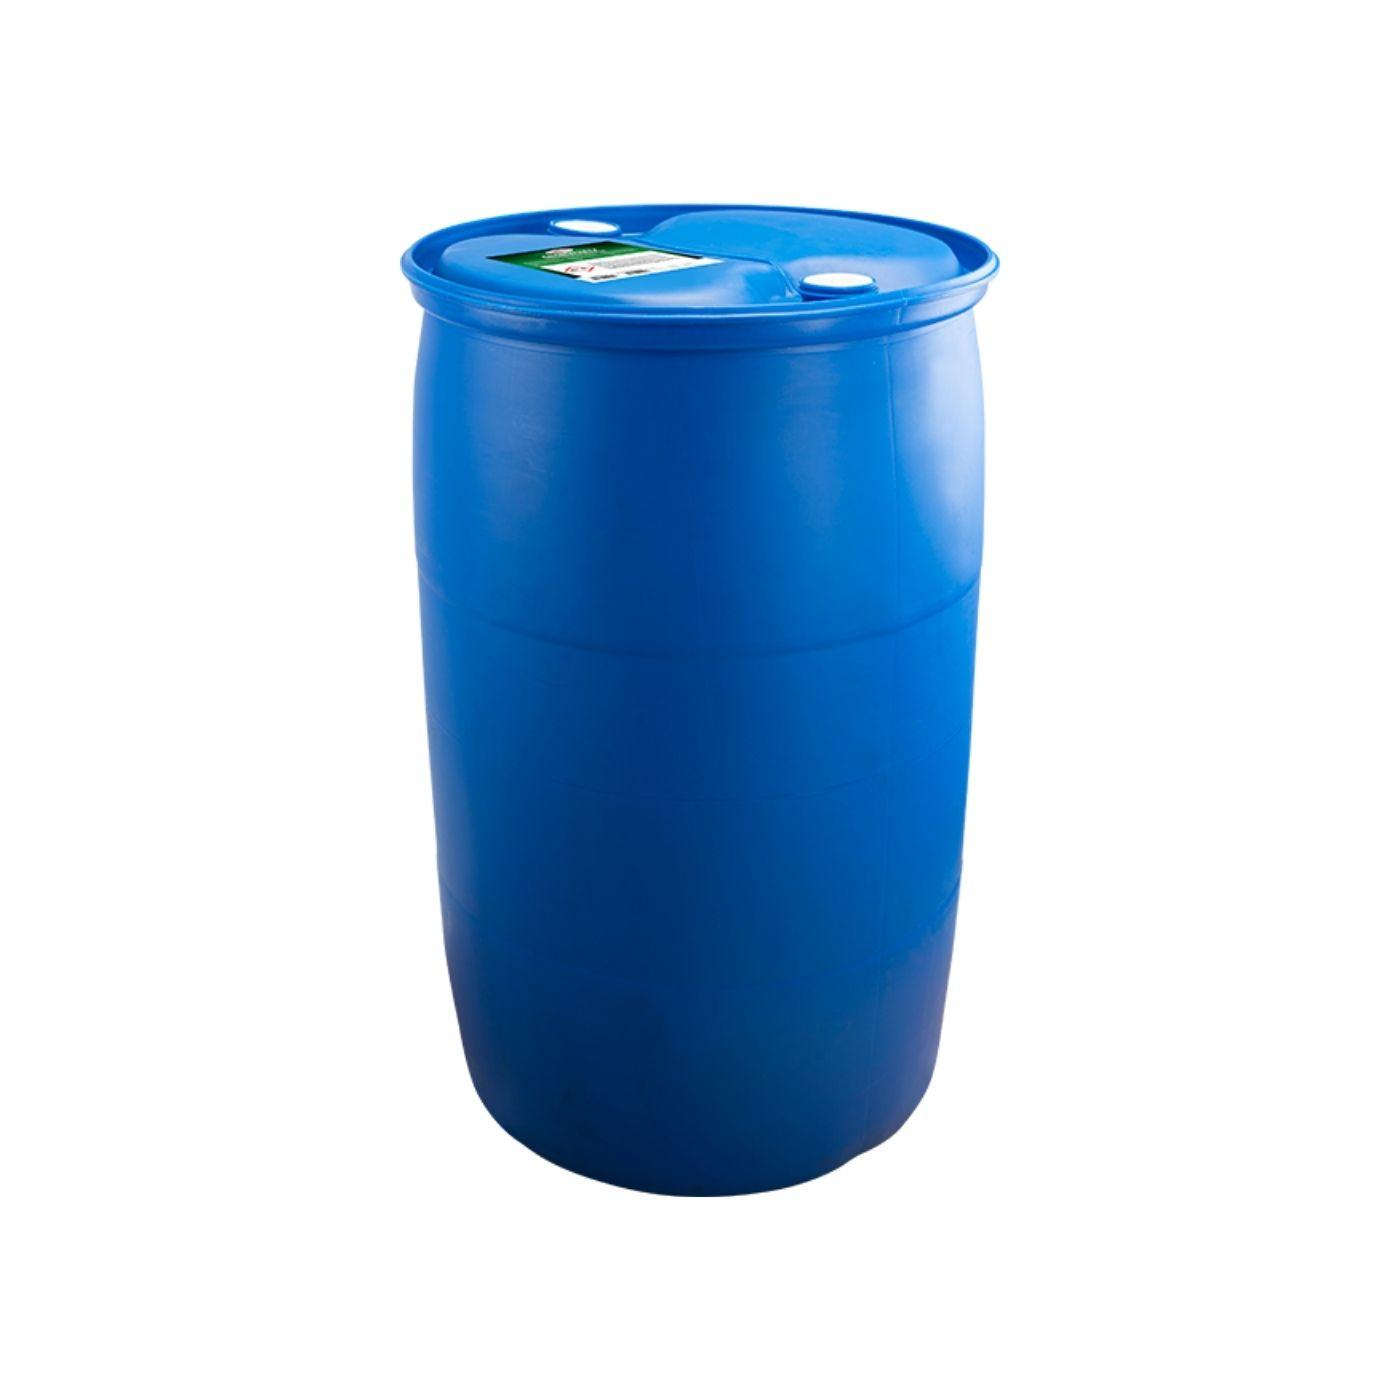 Asfaltslösare Turtle Wax Pro Kallavfettning, 208 000 ml